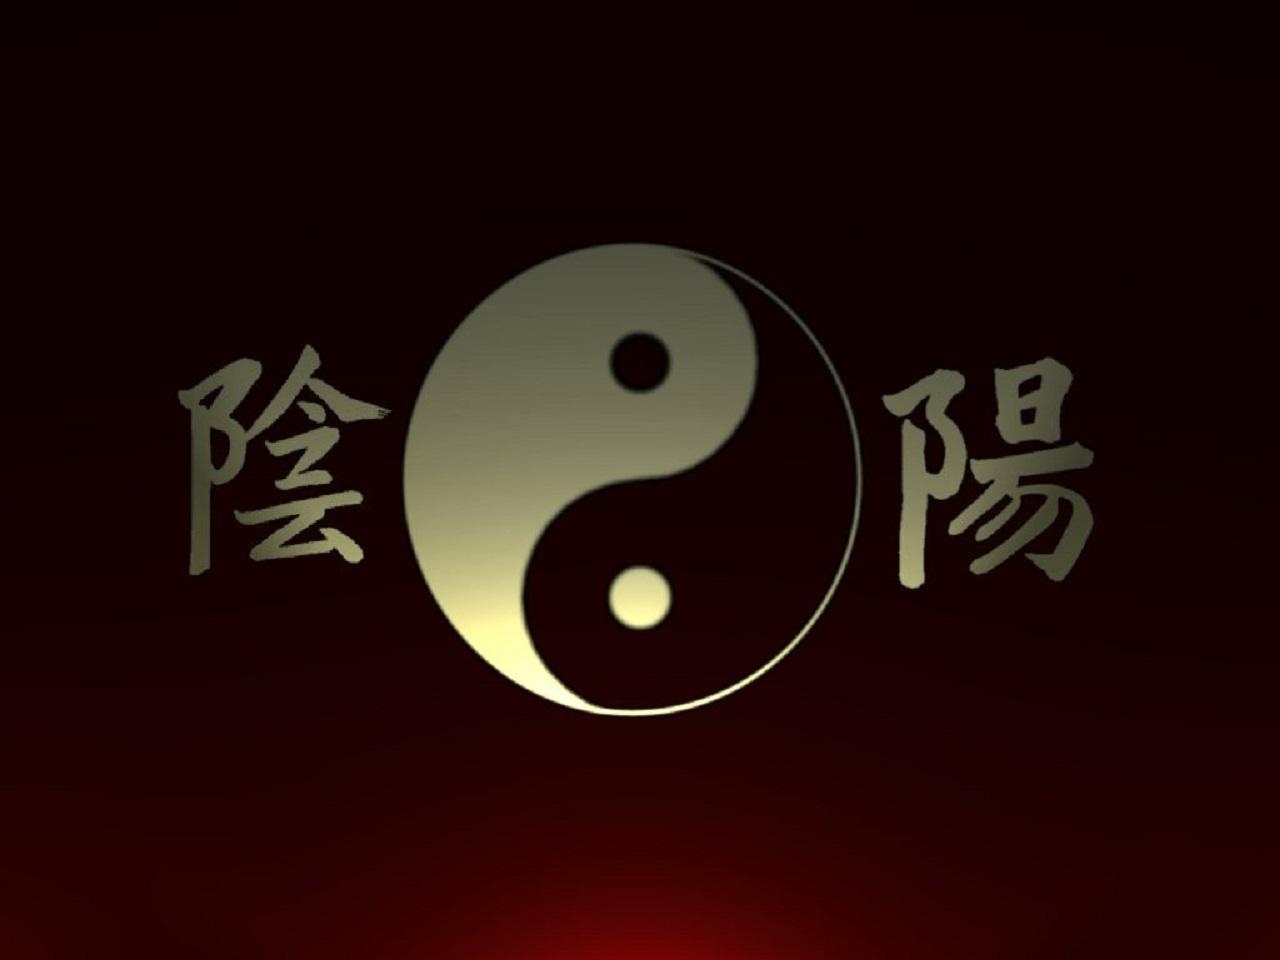 Dragon Yin Yang Wallpaper Wallpapersafari